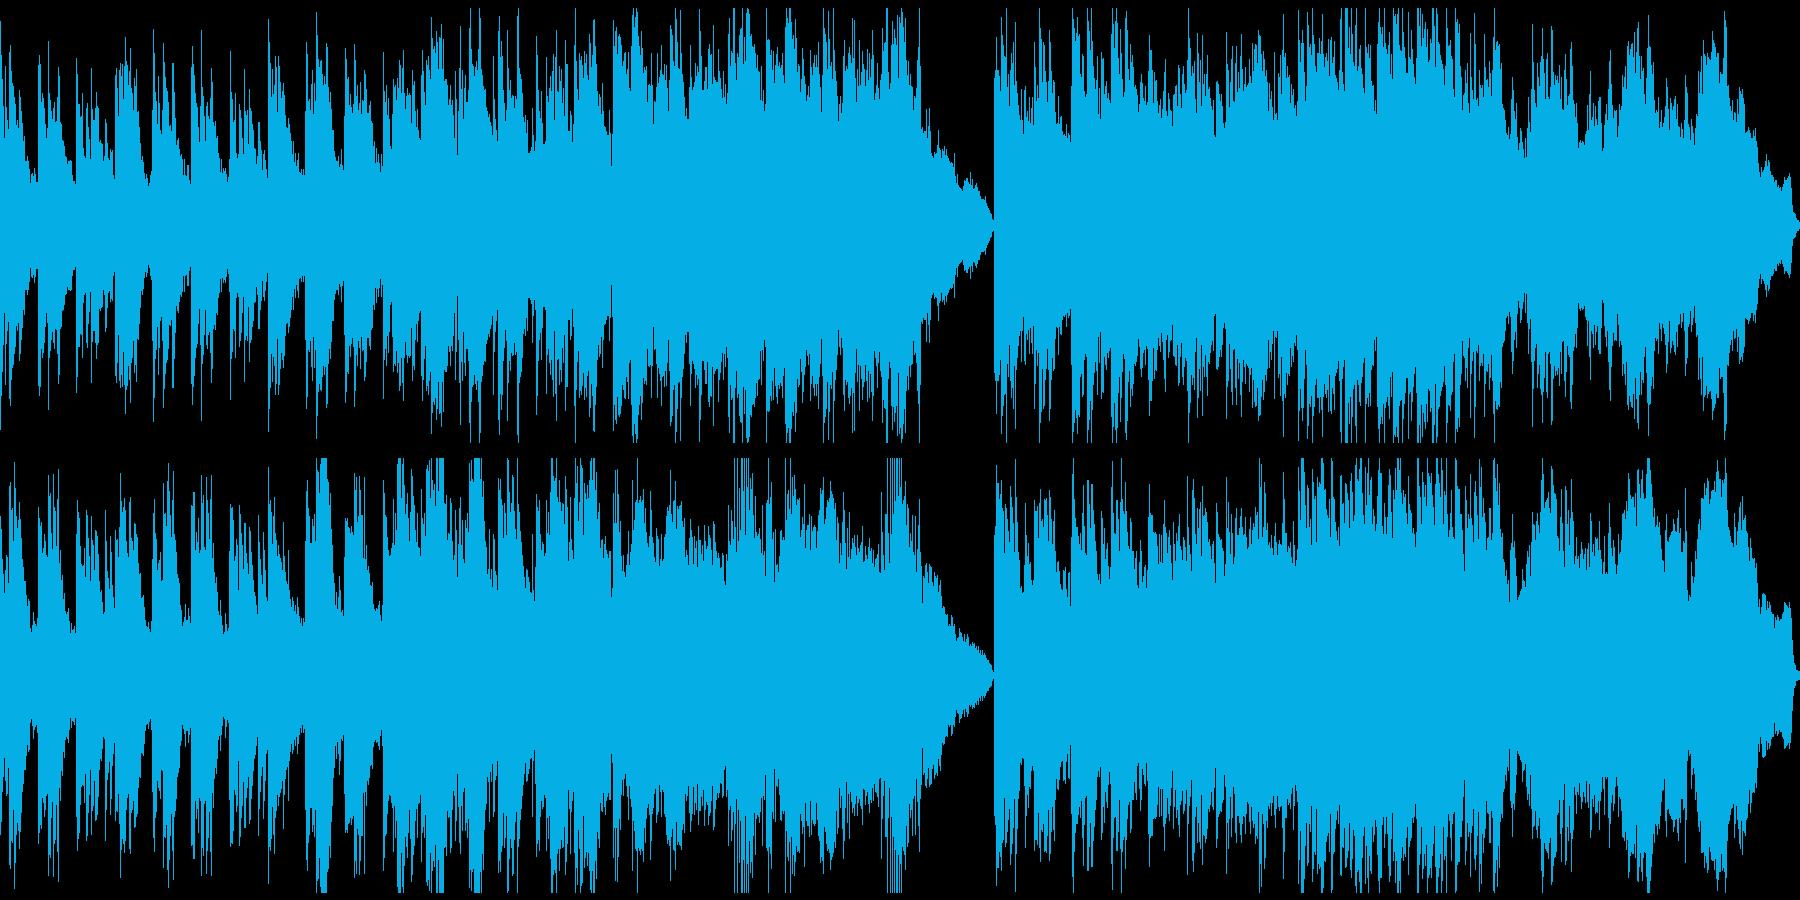 静謐な和風曲(ループ)の再生済みの波形